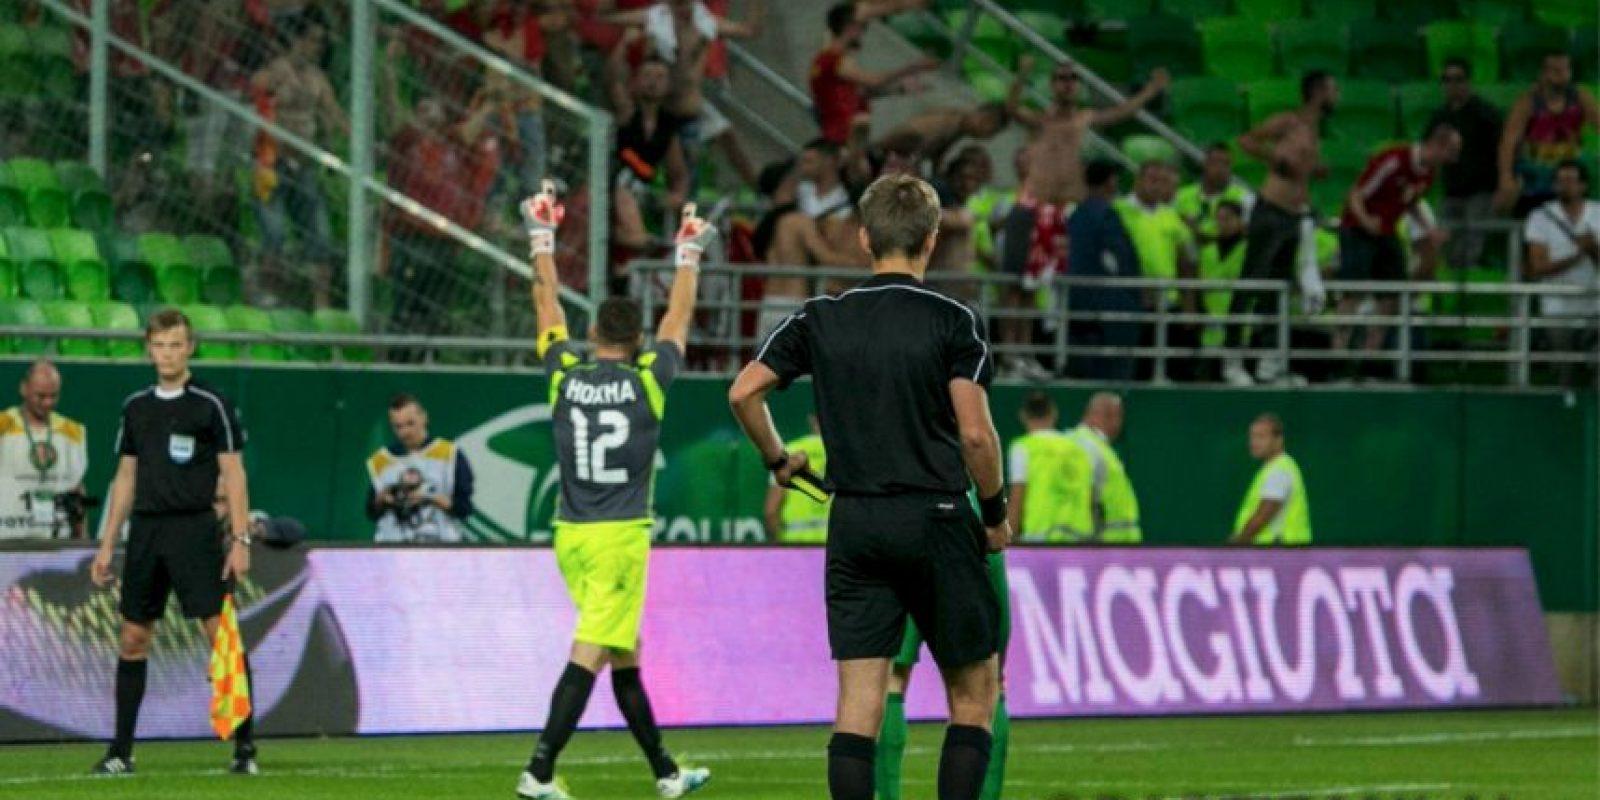 Además de anotar su tiro pateando a lo Panenka, tapó tres penales Foto:Facebook Partizani